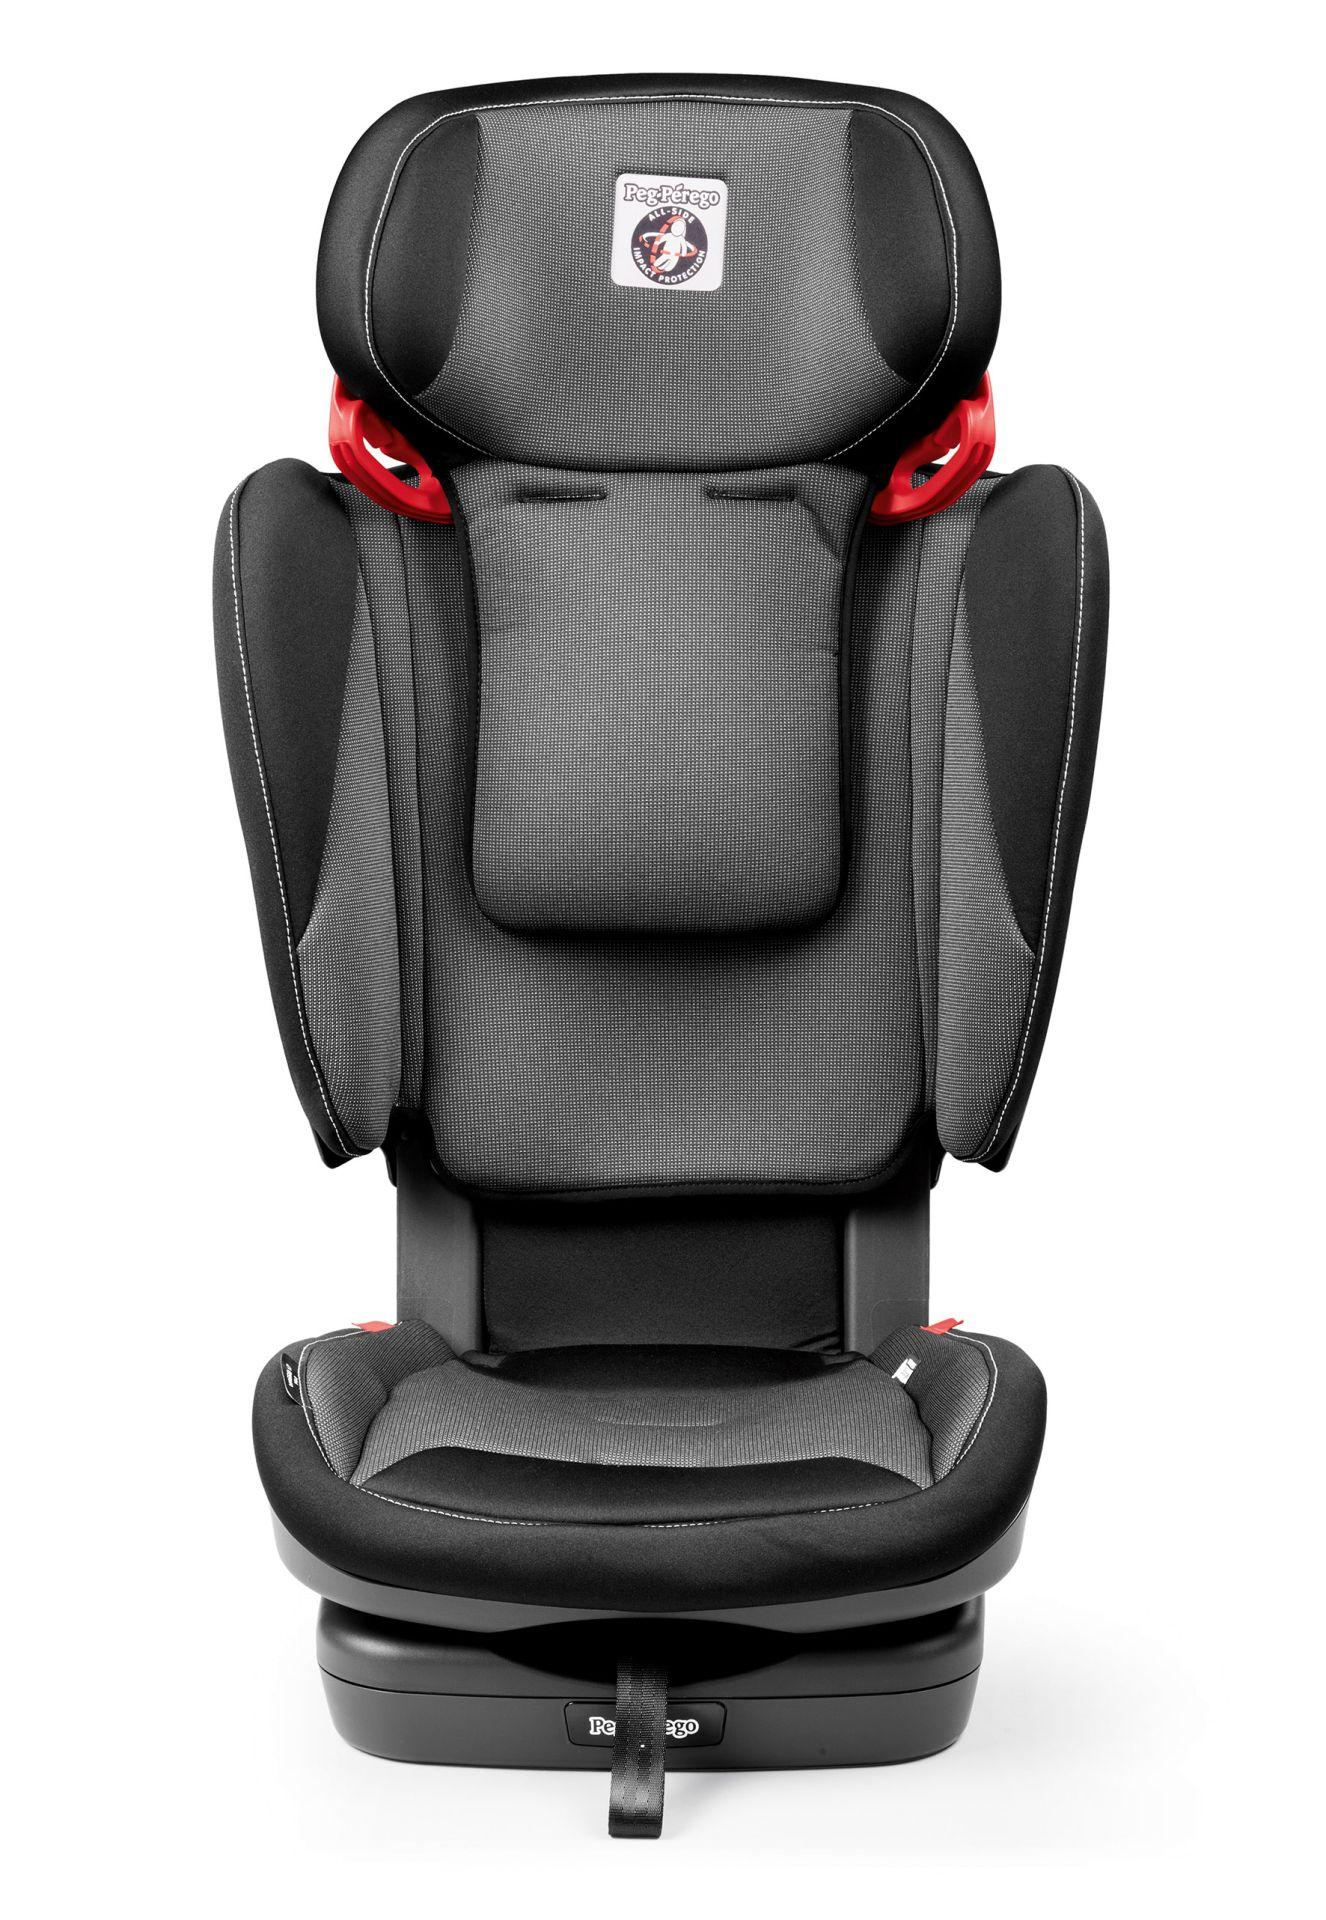 Peg Perego Child Car Seat Viaggio 1 2 3 Via 2019 Crystal Black Buy